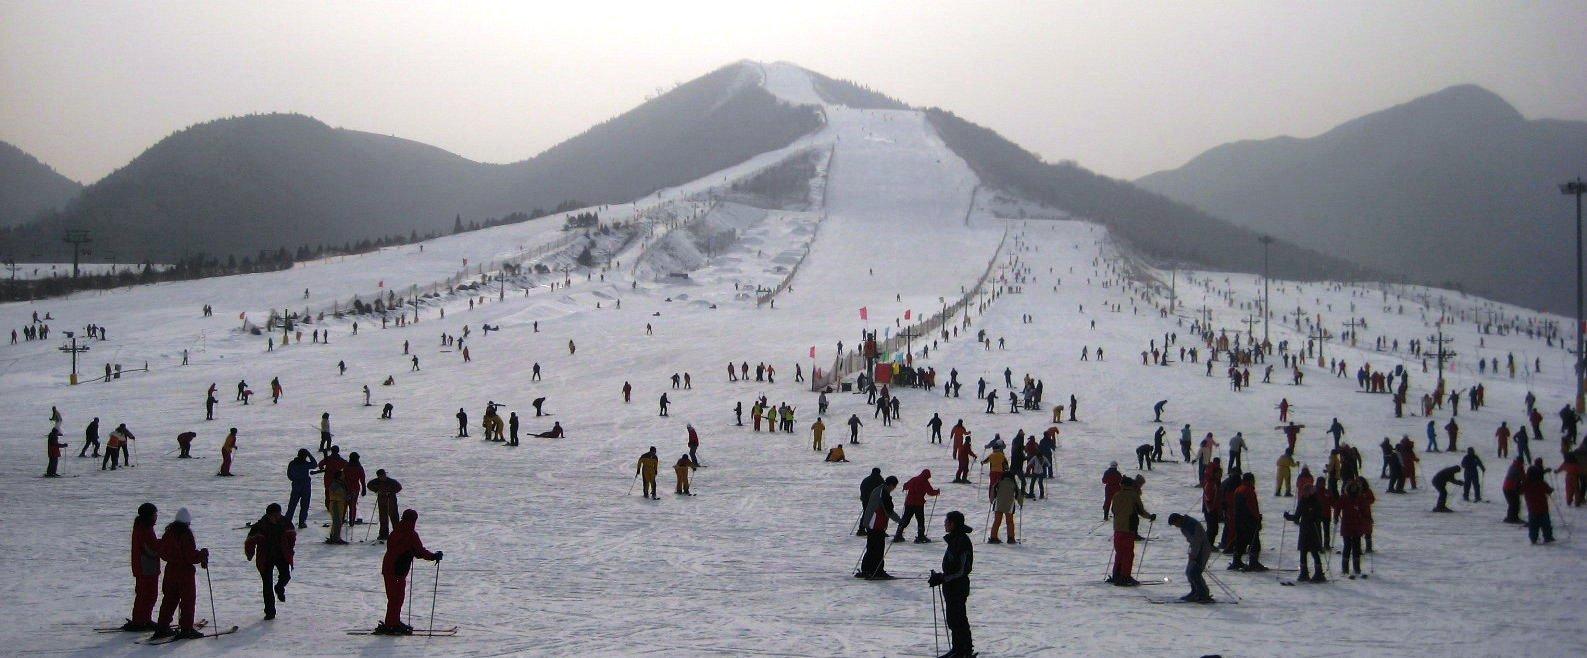 云居滑雪场